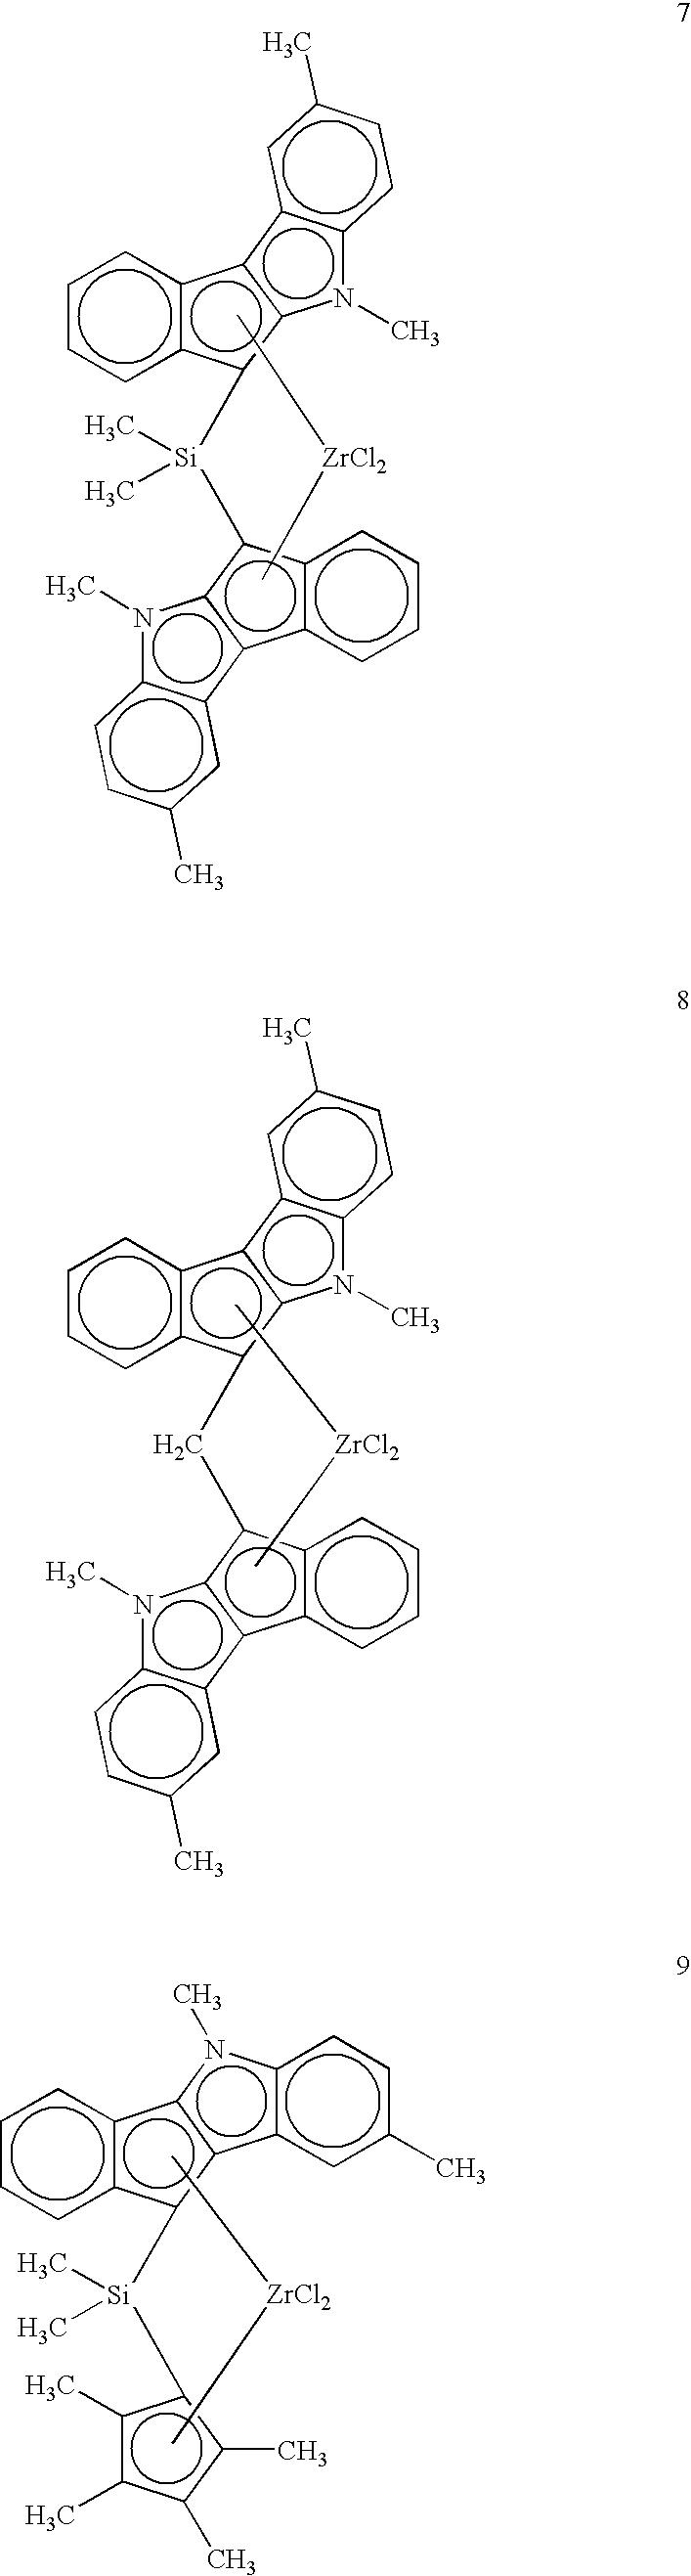 Figure US07655740-20100202-C00009